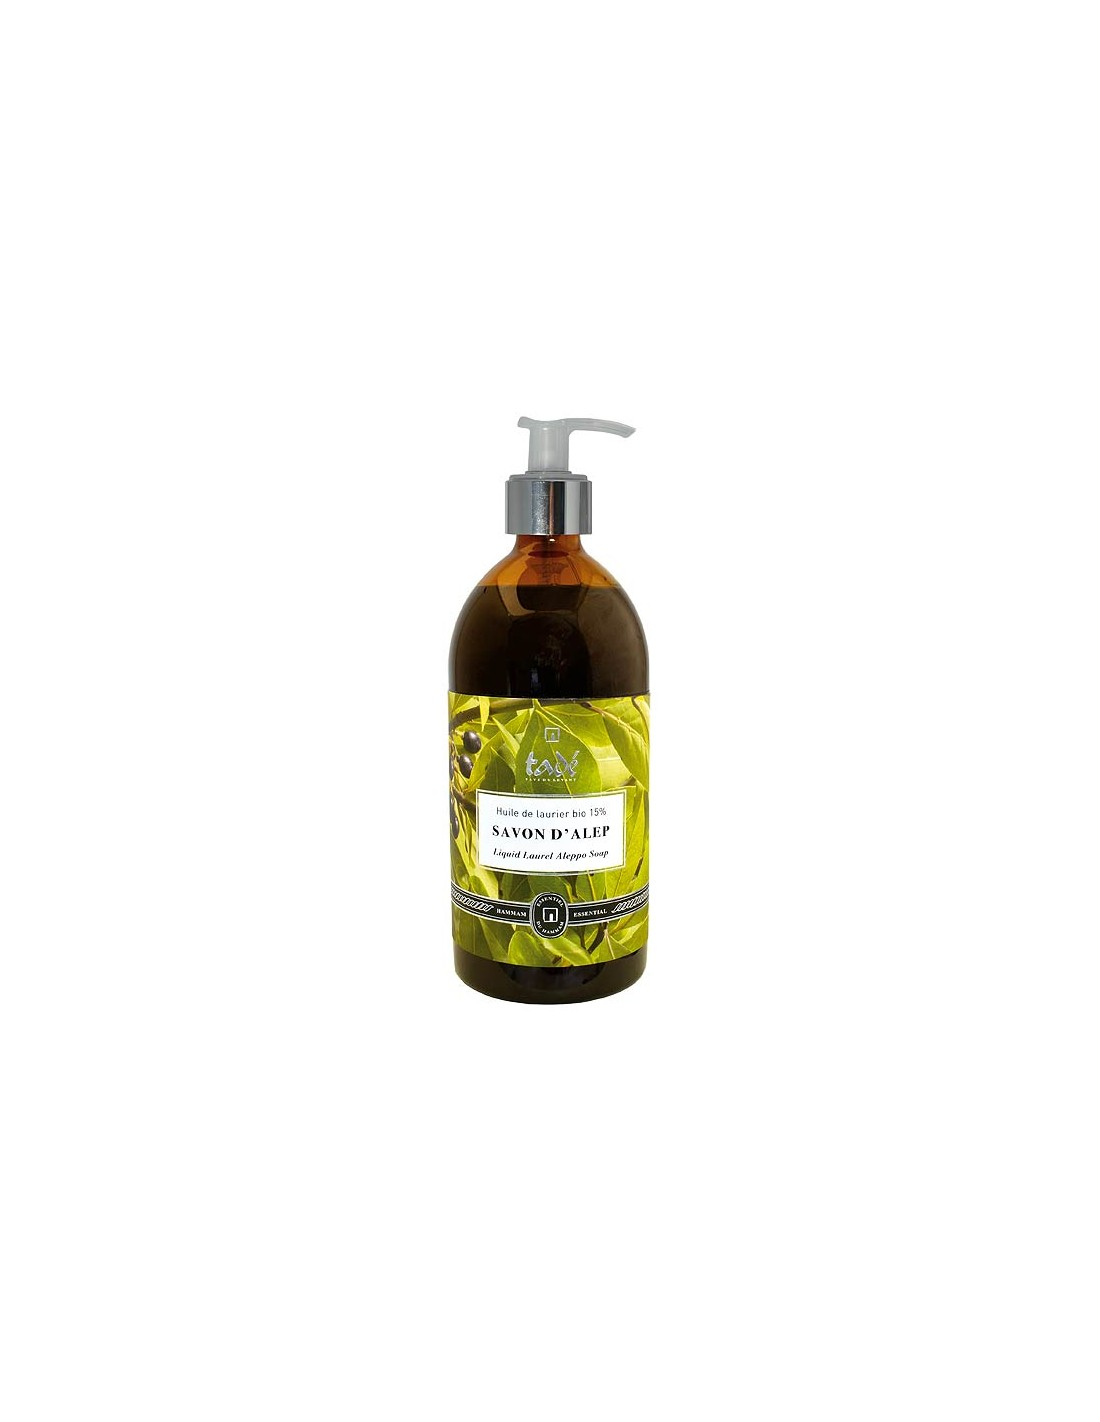 savon d'alep 15 d'huile de laurier